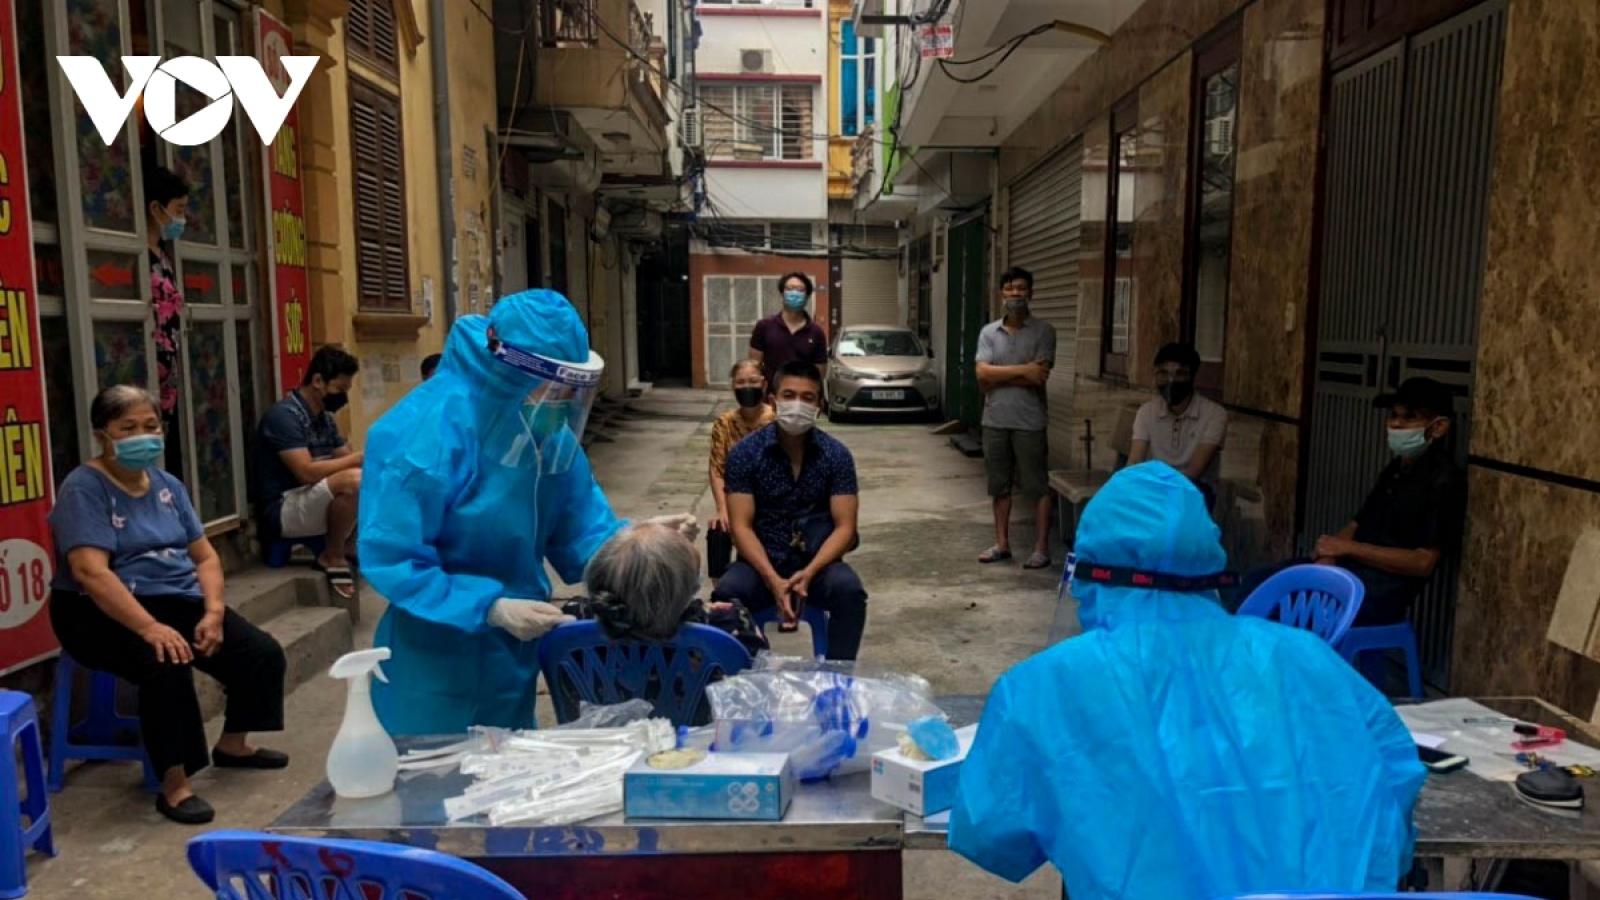 Ngày 24/9, Việt Nam có 8.537 ca mắcCOVID-19 mới, 12.371bệnh nhân khỏi bệnh